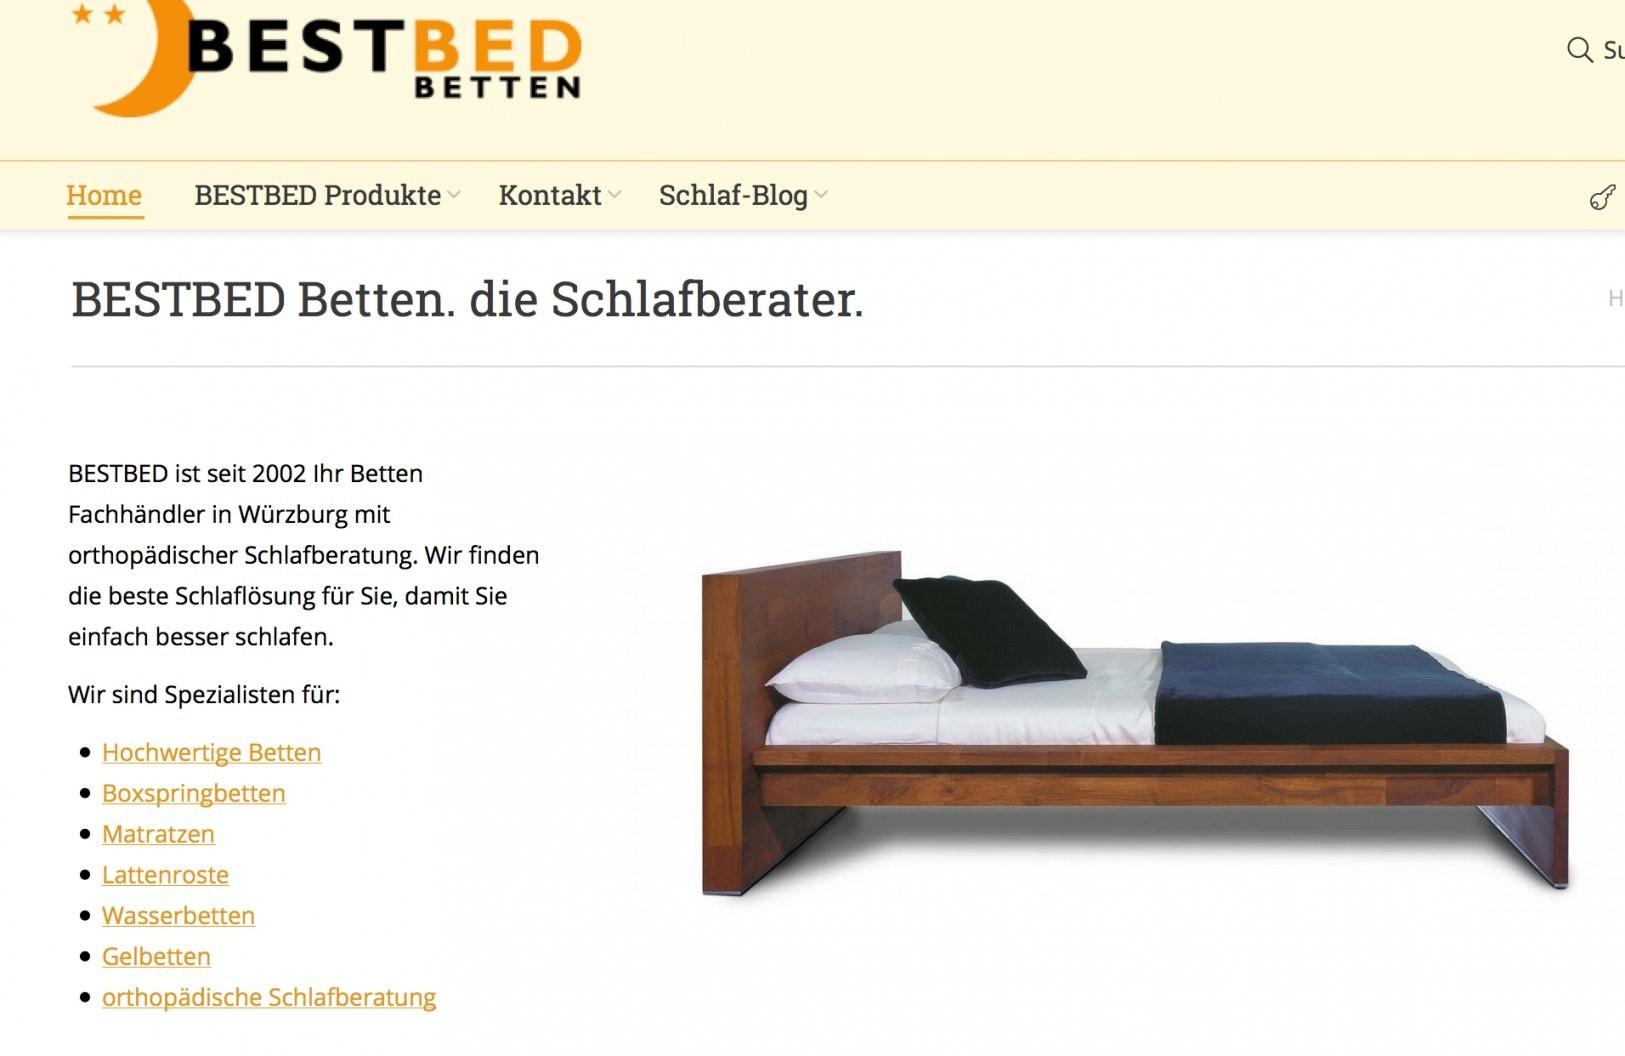 Stiftung Warentest 215 Matratzen Im Test (3)  Möbelbranche von Bett Matratzen Stiftung Warentest Photo